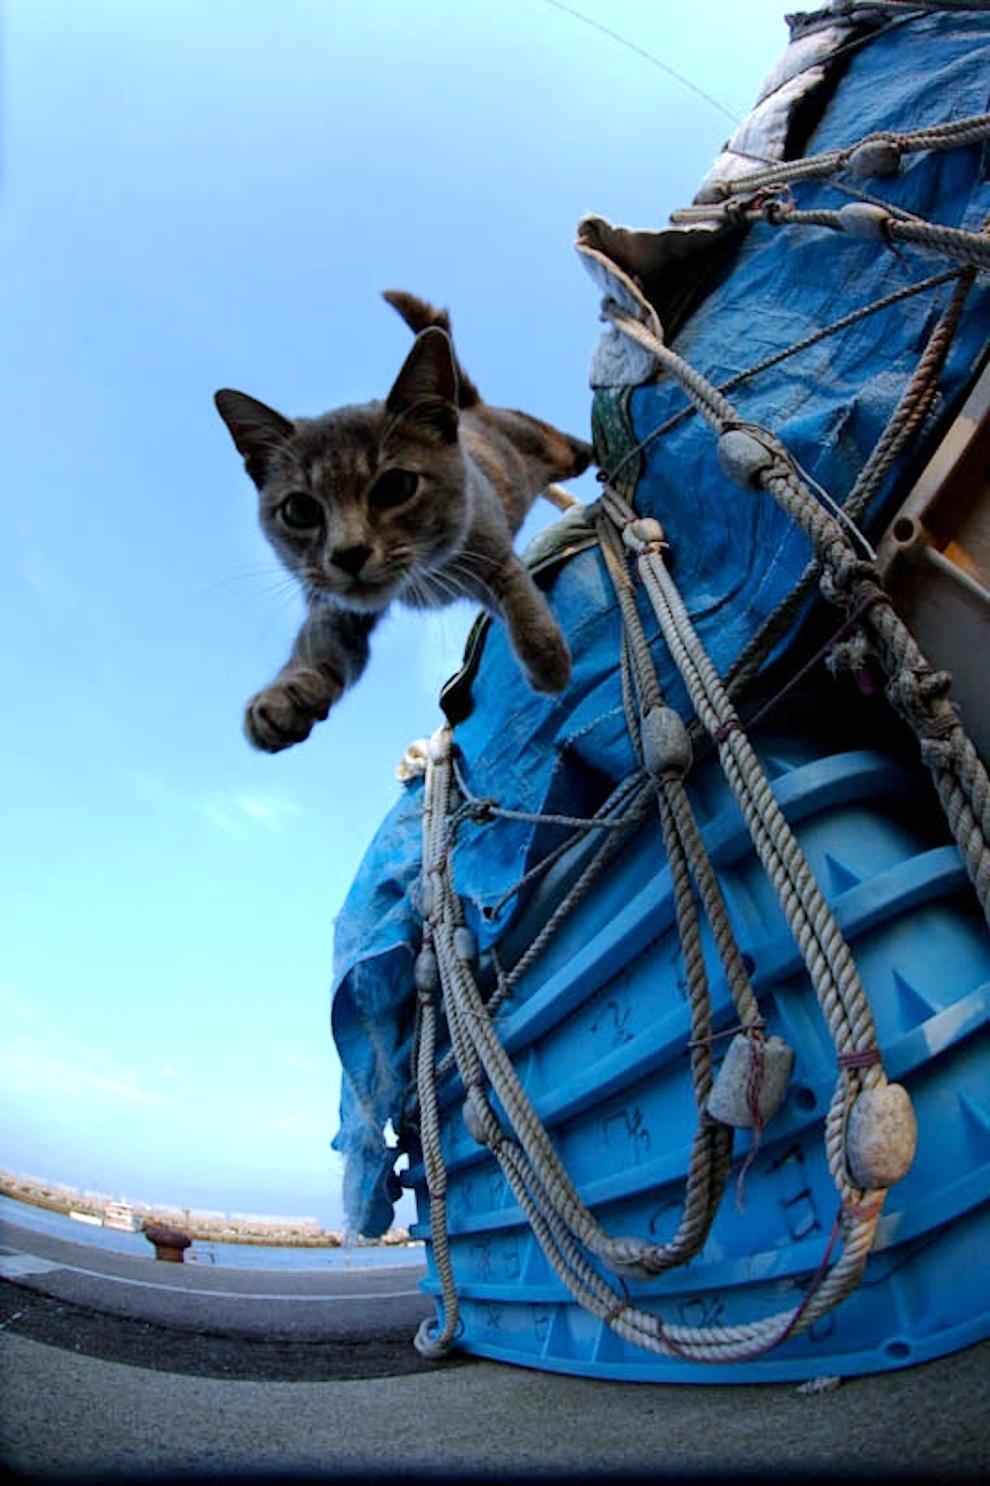 foto foto menakjubkan dari pulau Surga Kucing di Jepang - Foto Kucing di Fukuoka Jepang 38